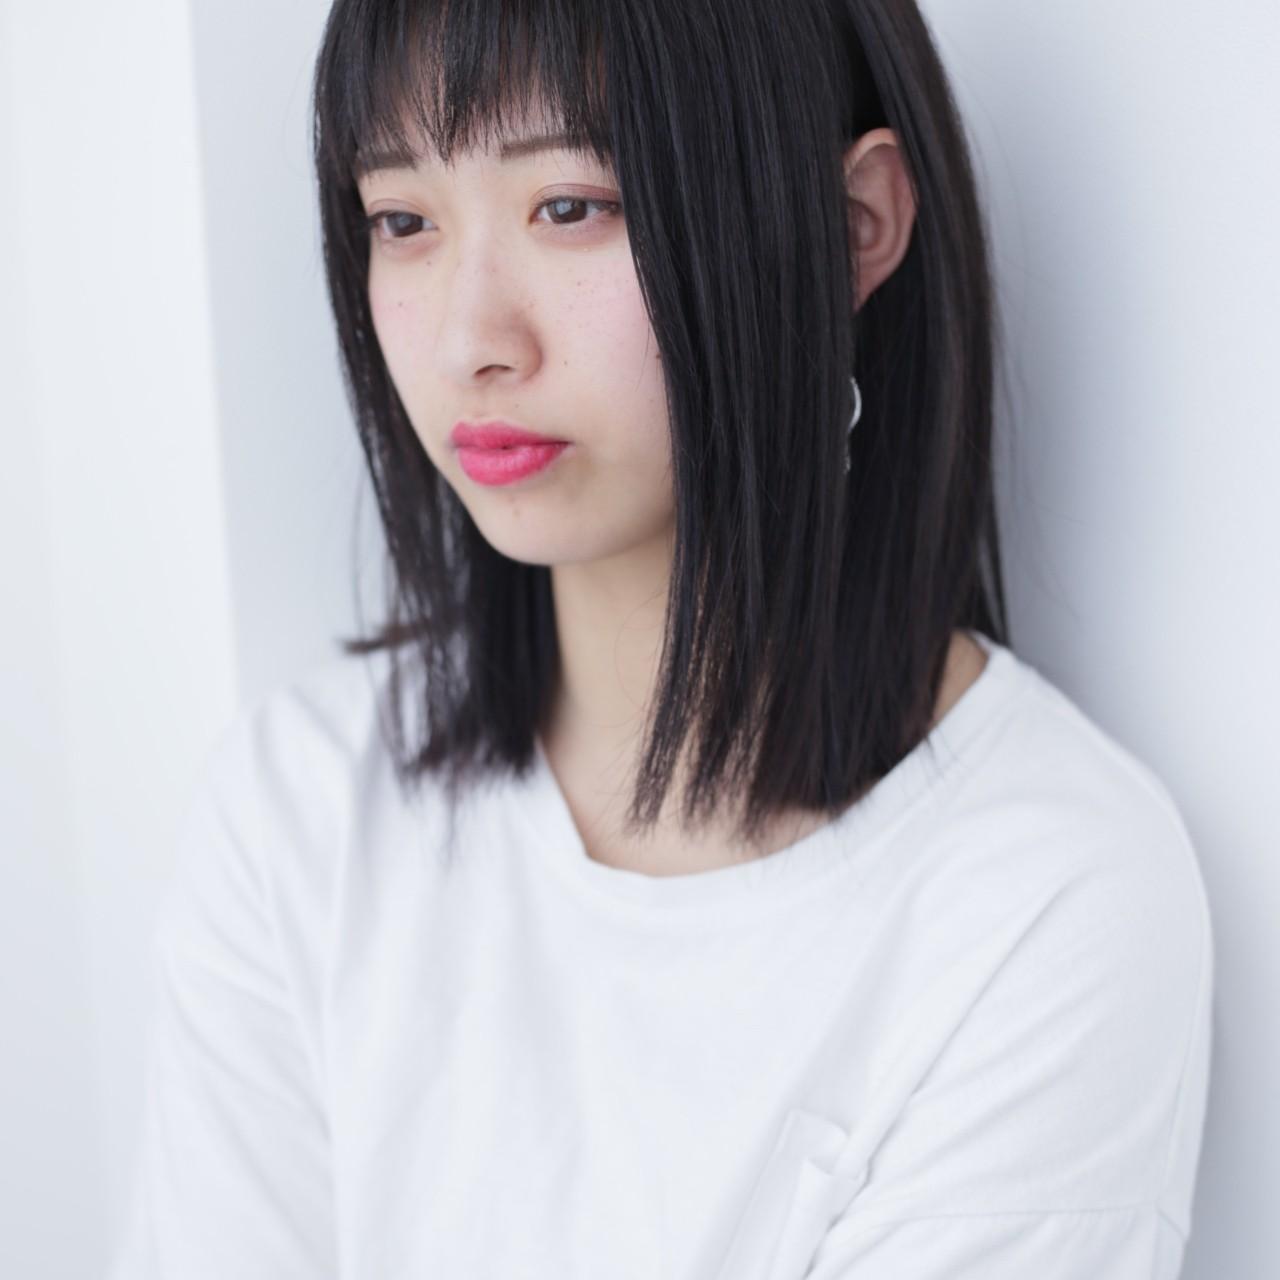 スモーキーカラー ストレート エアーストレート ダークトーン ヘアスタイルや髪型の写真・画像